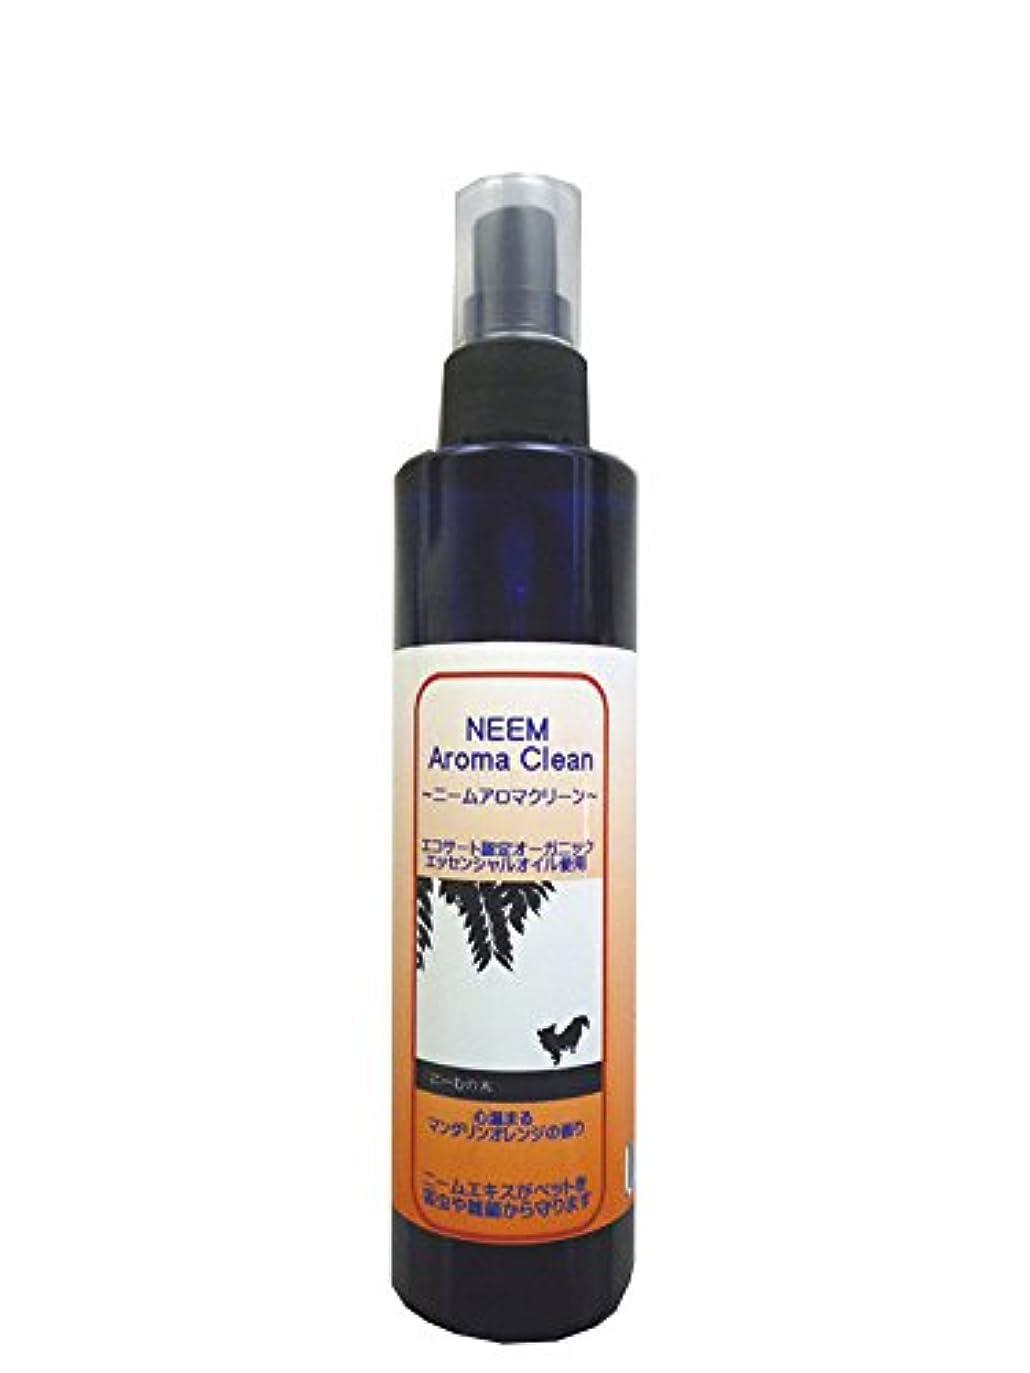 競合他社選手現像殺人者ニームアロマクリーン(マンダリンオレンジ) NEEM Aroma Clean 200ml 【BLOOM】【(ノミ?ダニ)駆除用としてもお使いいただけます。】